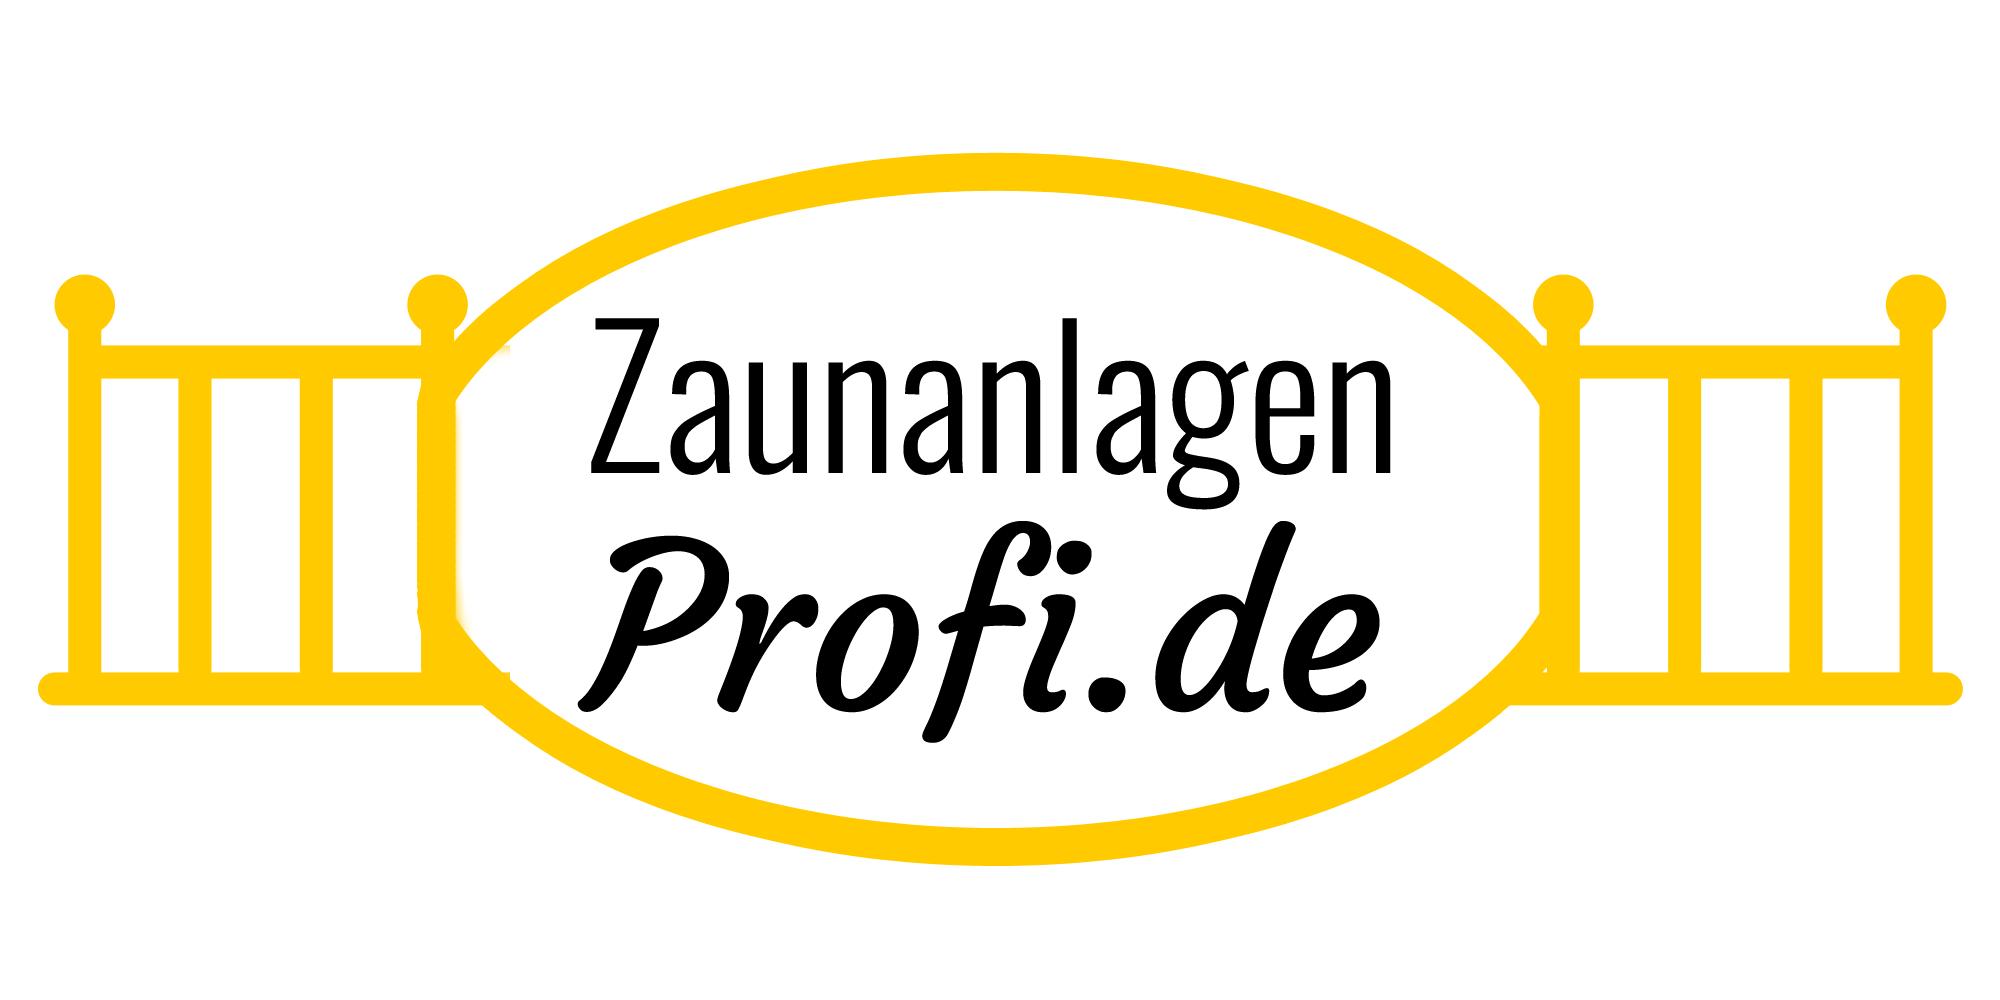 Zaunanlagen-Profi.de - Der Experte für Stabmattenzäune